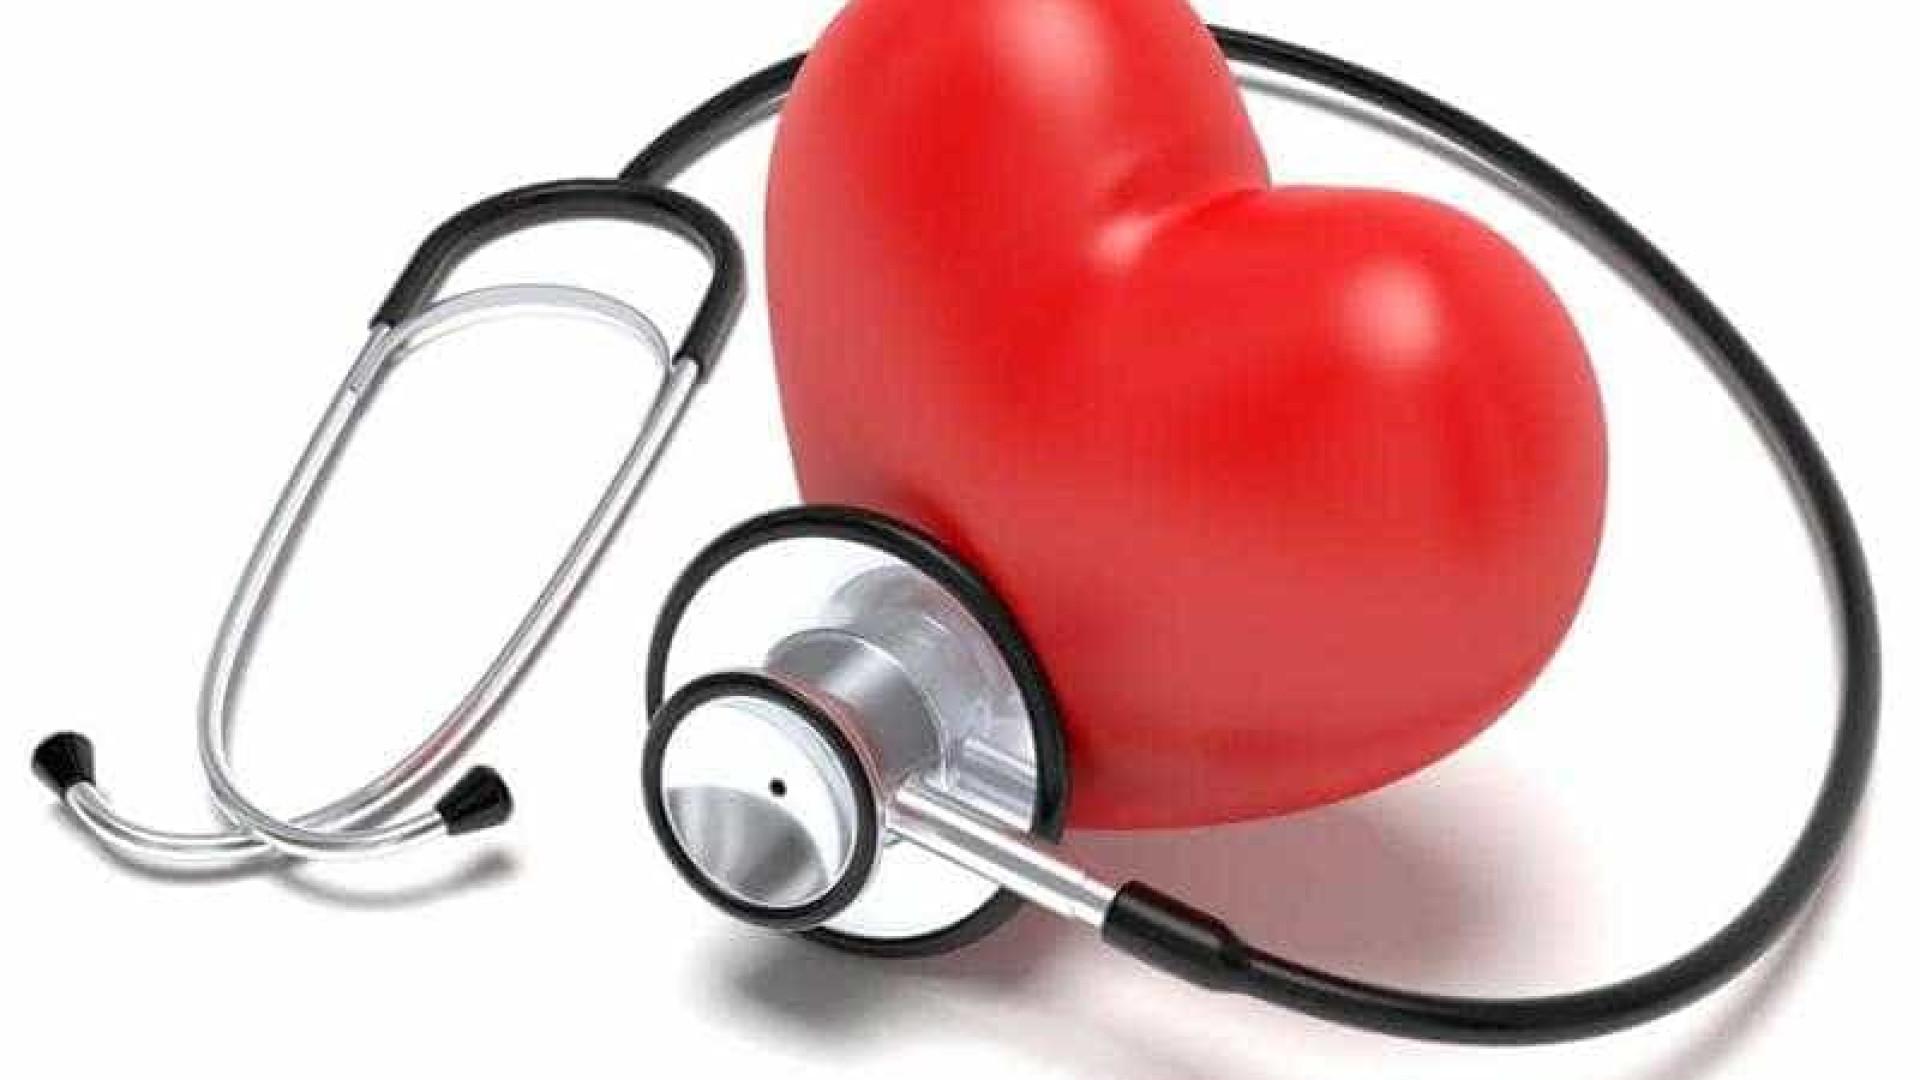 Conheça alguns mitos e verdades sobre sopro no coração